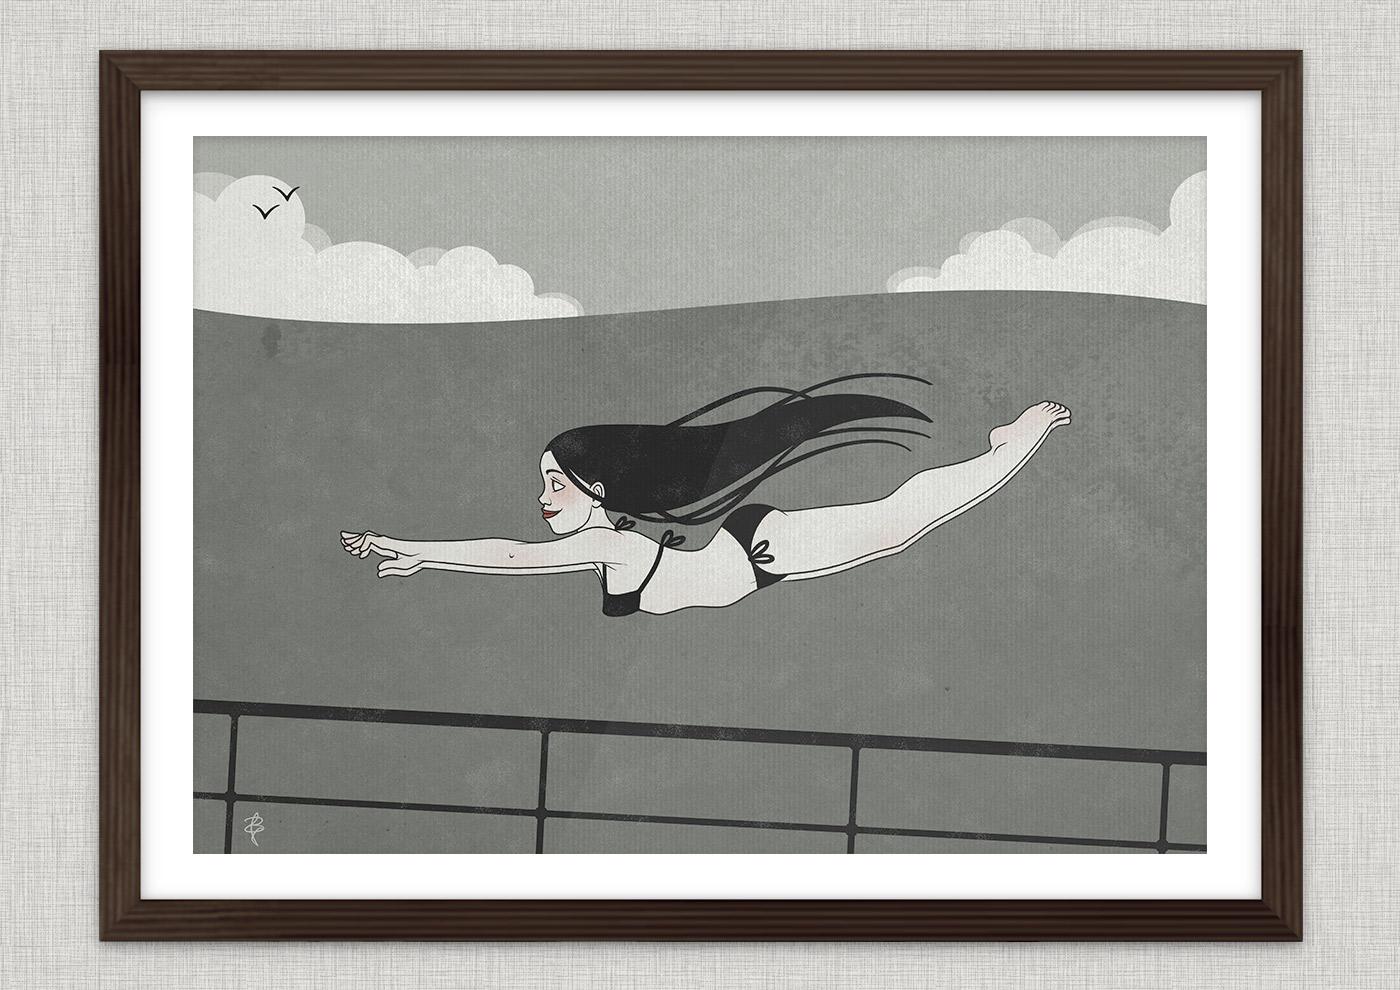 Poster von einer Zeichnung mit Tusche und Collage von einem Mädchen im Bikini beim Schwimmen und Tauchen im Meer als Seestück